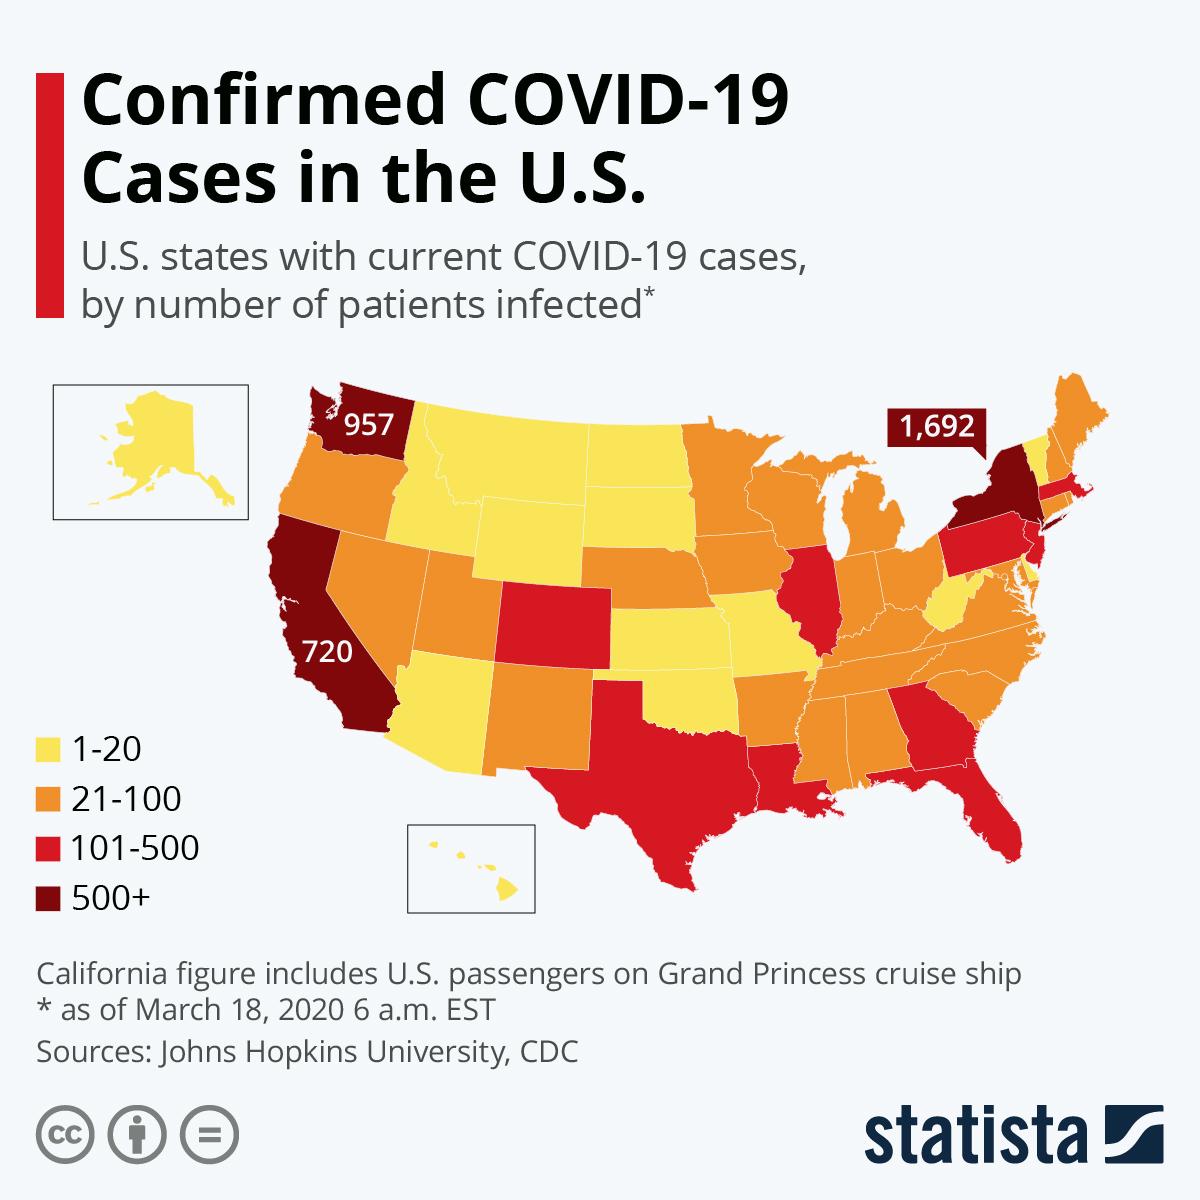 ΠΟΥ ΕΧΟΥΝ ΕΠΙΒΕΒΑΙΩΘΕΙ  ΚΡΟΥΣΜΑΤΑ ΤΟΥ COVID-19 ΣΤΙΣ ΗΠΑ/ΧΑΡΤΗΣ